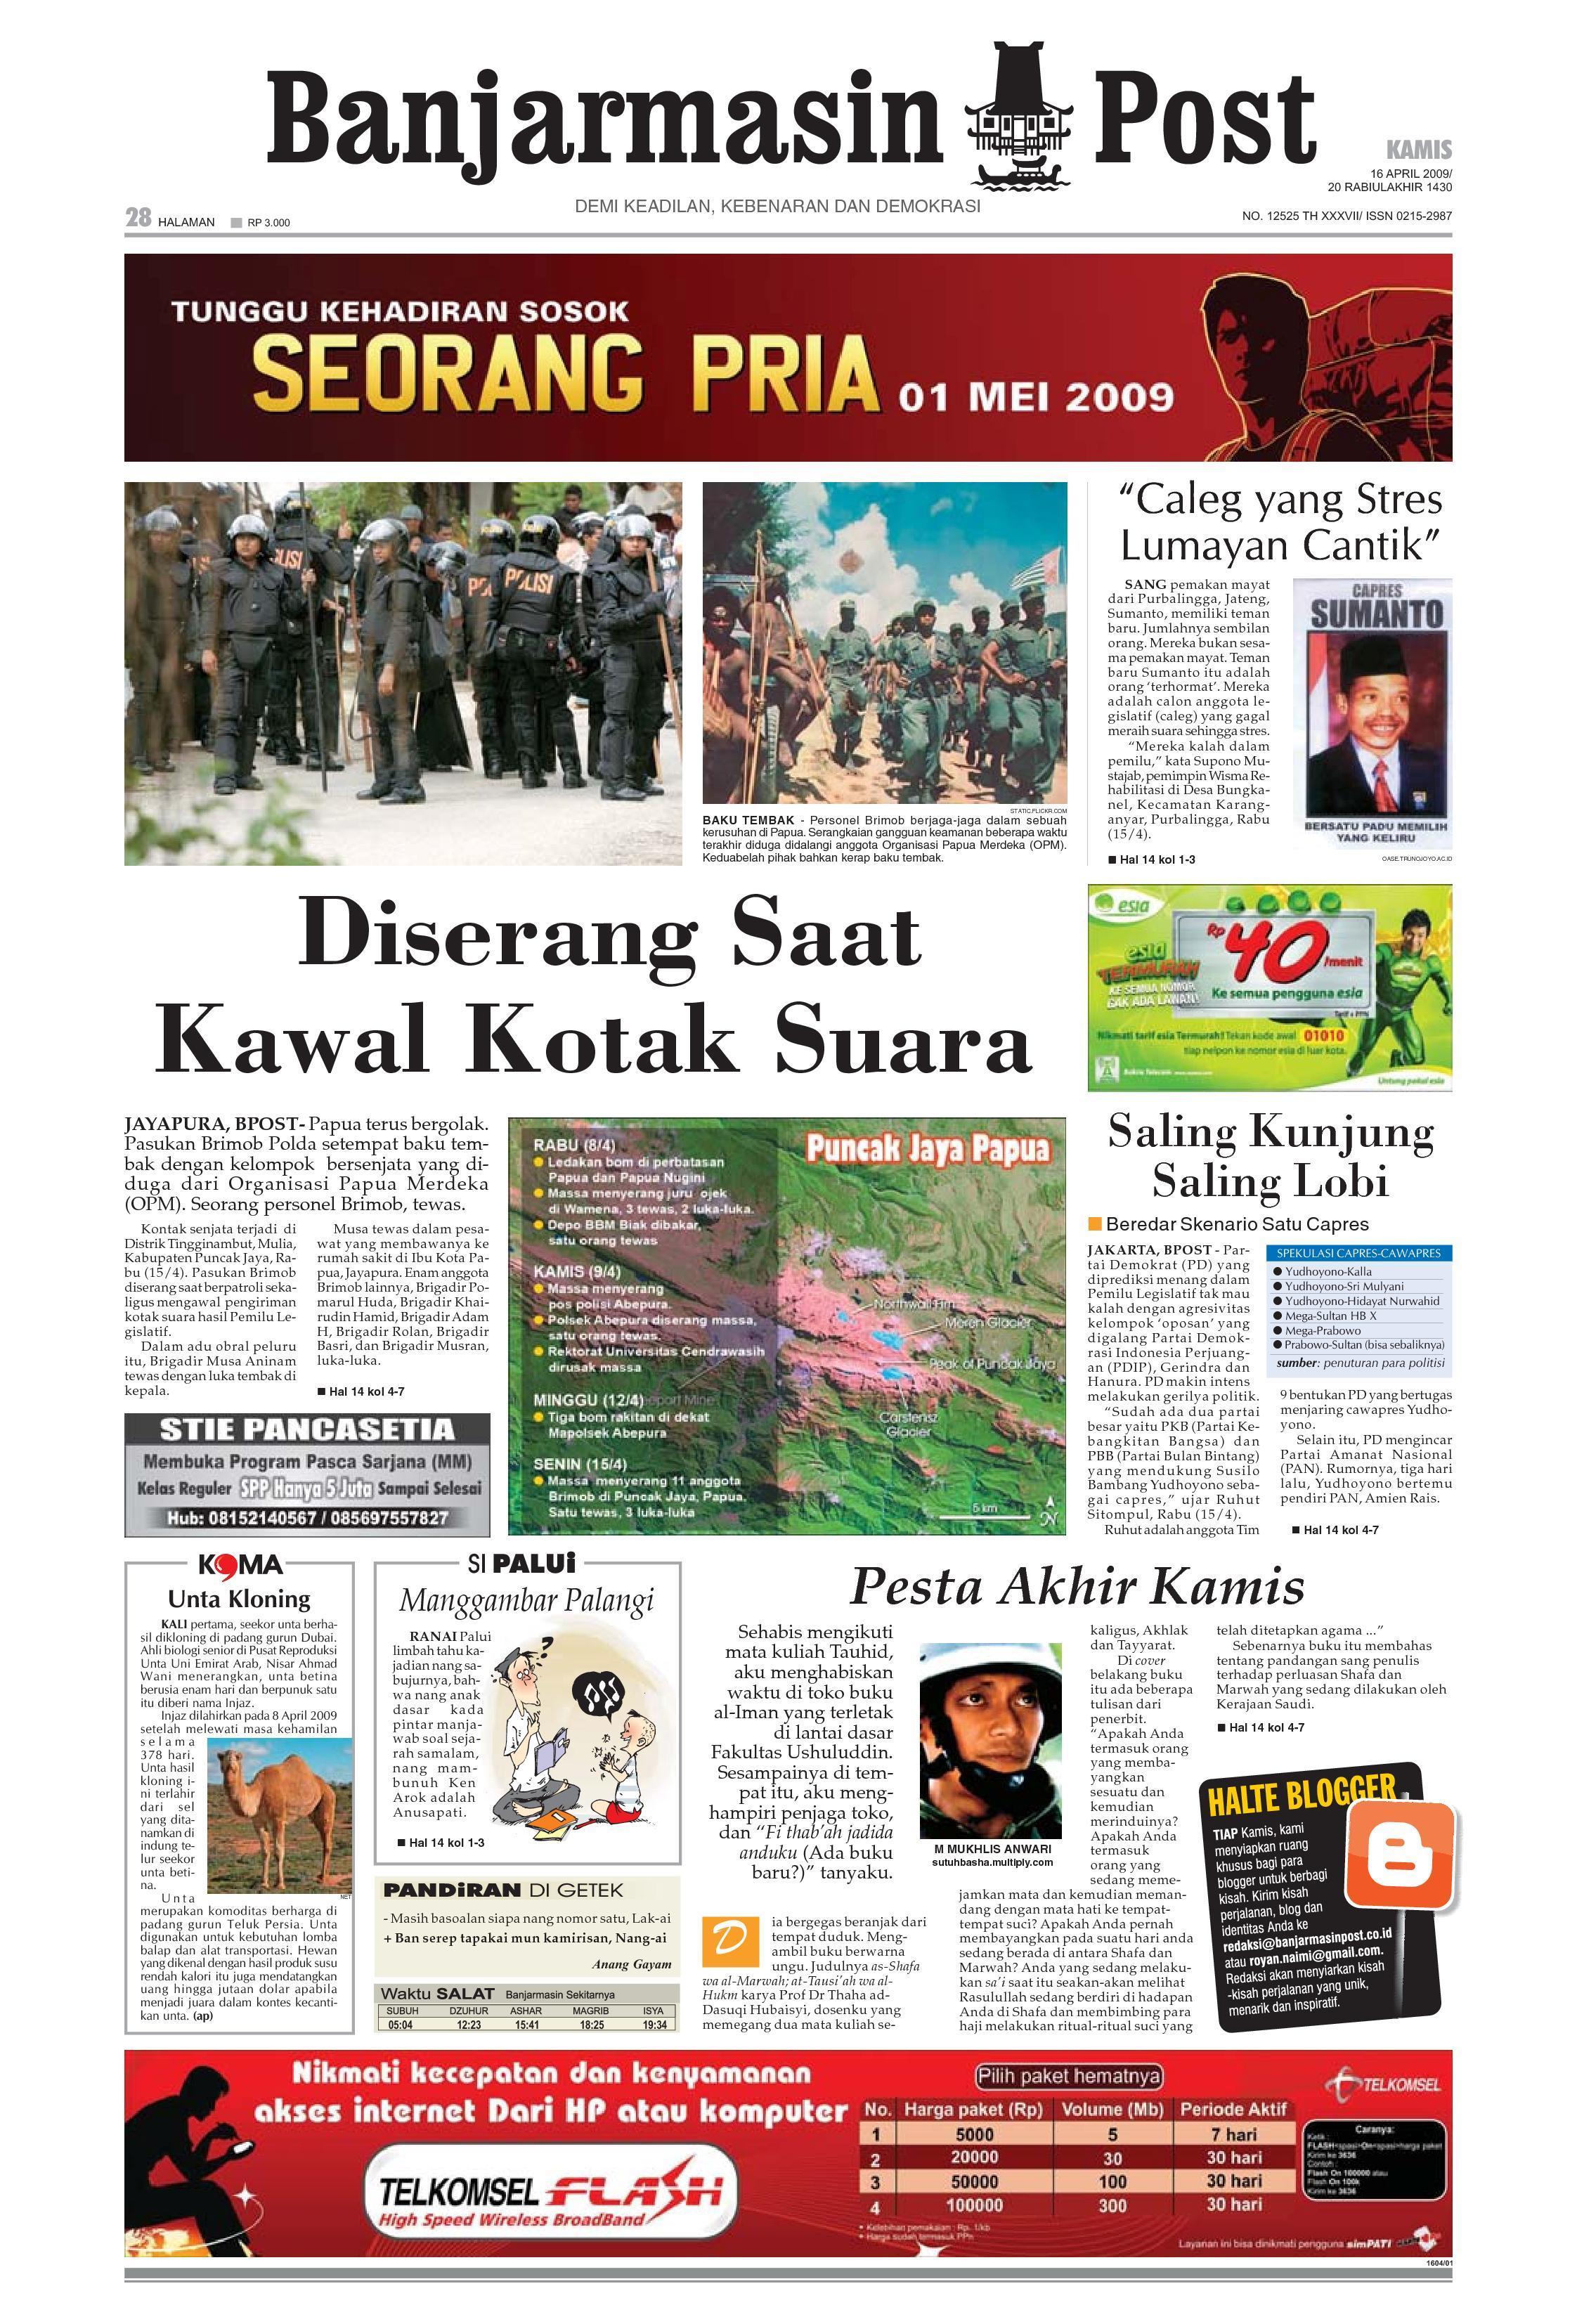 Banjarmasin Post - 16 April 2009 by Banjarmasin Post - issuu 8a5f793f50